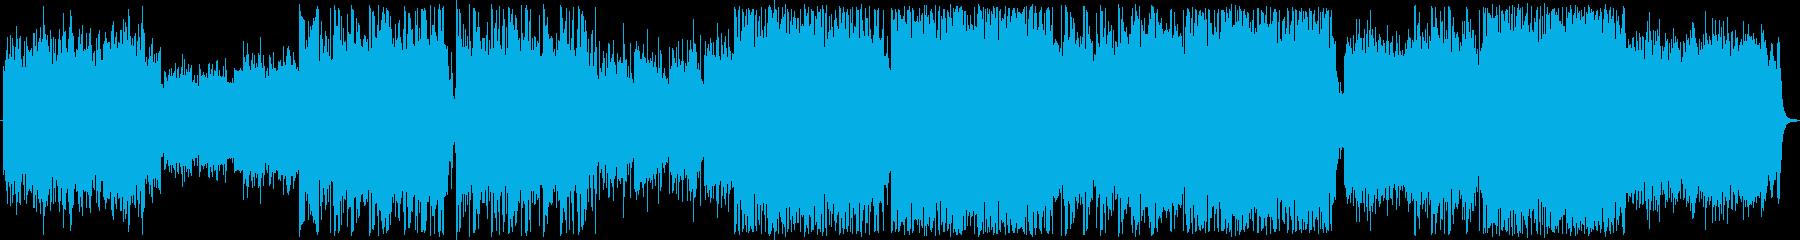 sakuraの再生済みの波形